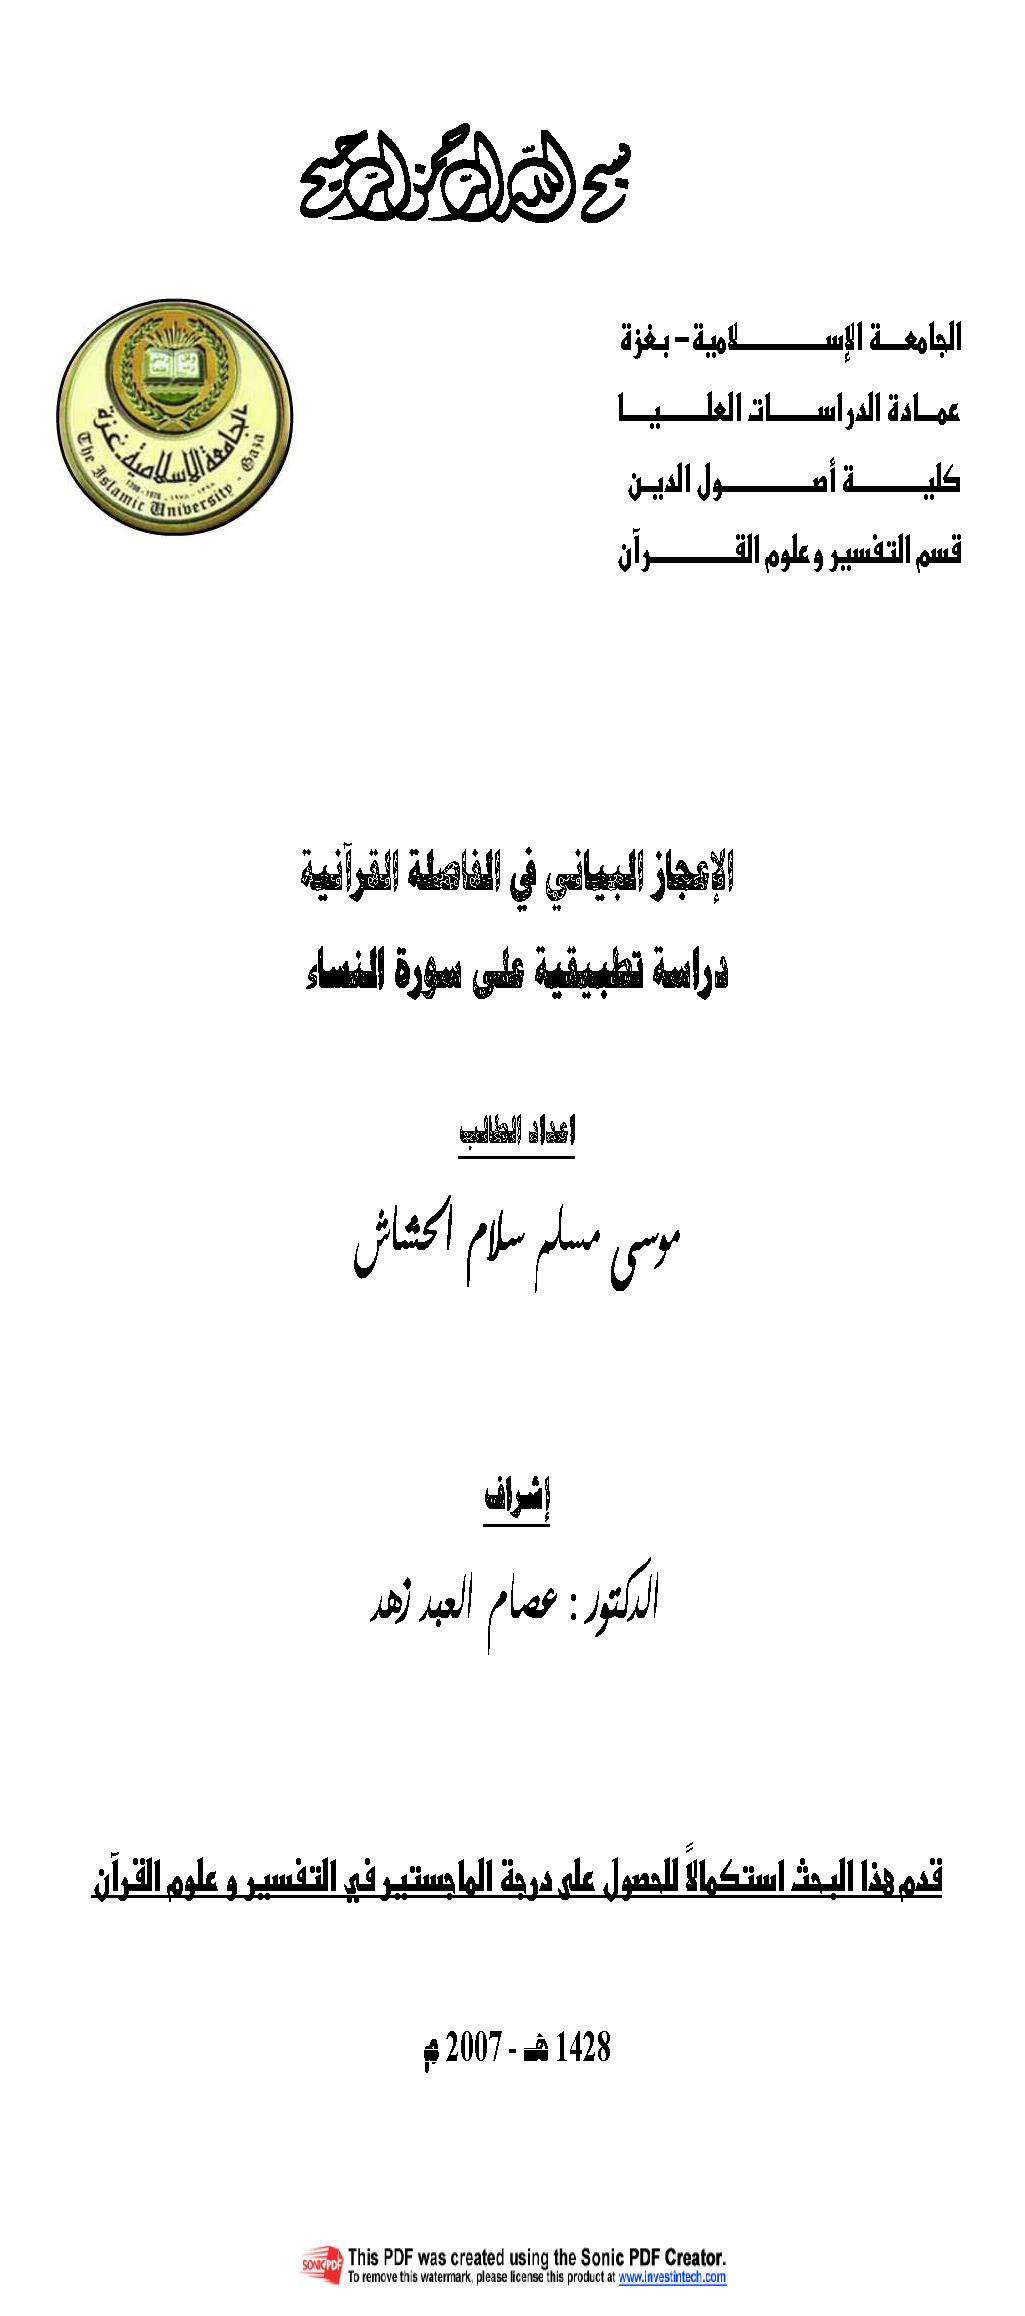 تحميل كتاب الإعجاز البياني في الفاصلة القرآنية (دراسة تطبيقية على سورة النساء) لـِ: موسى مسلم سلام الحشاش